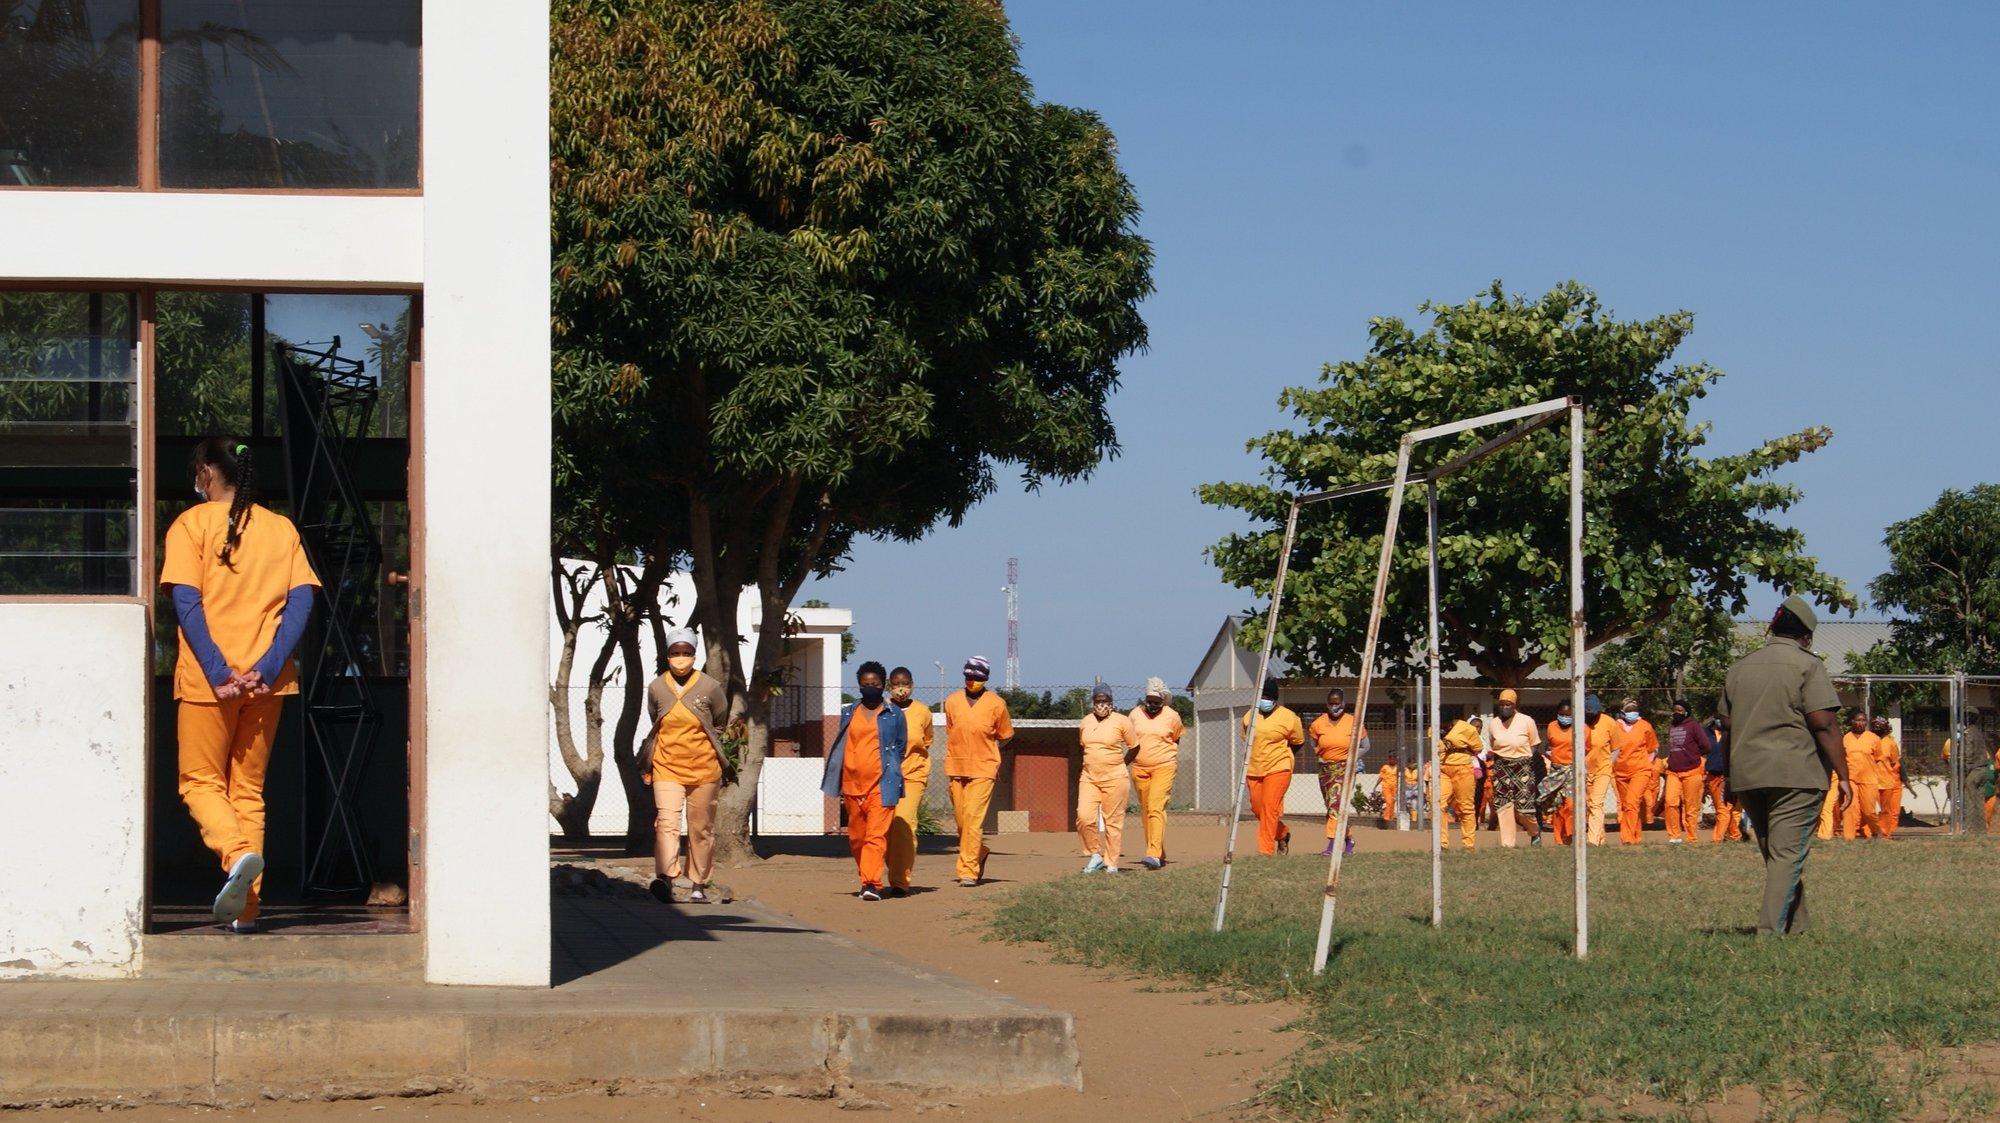 Estabelecimento Penitenciário Especial para Mulheres de Maputo, Moçambique, 16 de junho de 2021. A ministra da Justiça anunciou hoje a criação de uma comissão de inquérito para investigar denúncias de uma alegada rede de exploração sexual em que guardas prisionais forçam mulheres reclusas a sair de uma cadeia de Maputo para se prostituírem, Maputo. (ACOMPANHA TEXTO) LUISA NHANTUMBO/LUSA